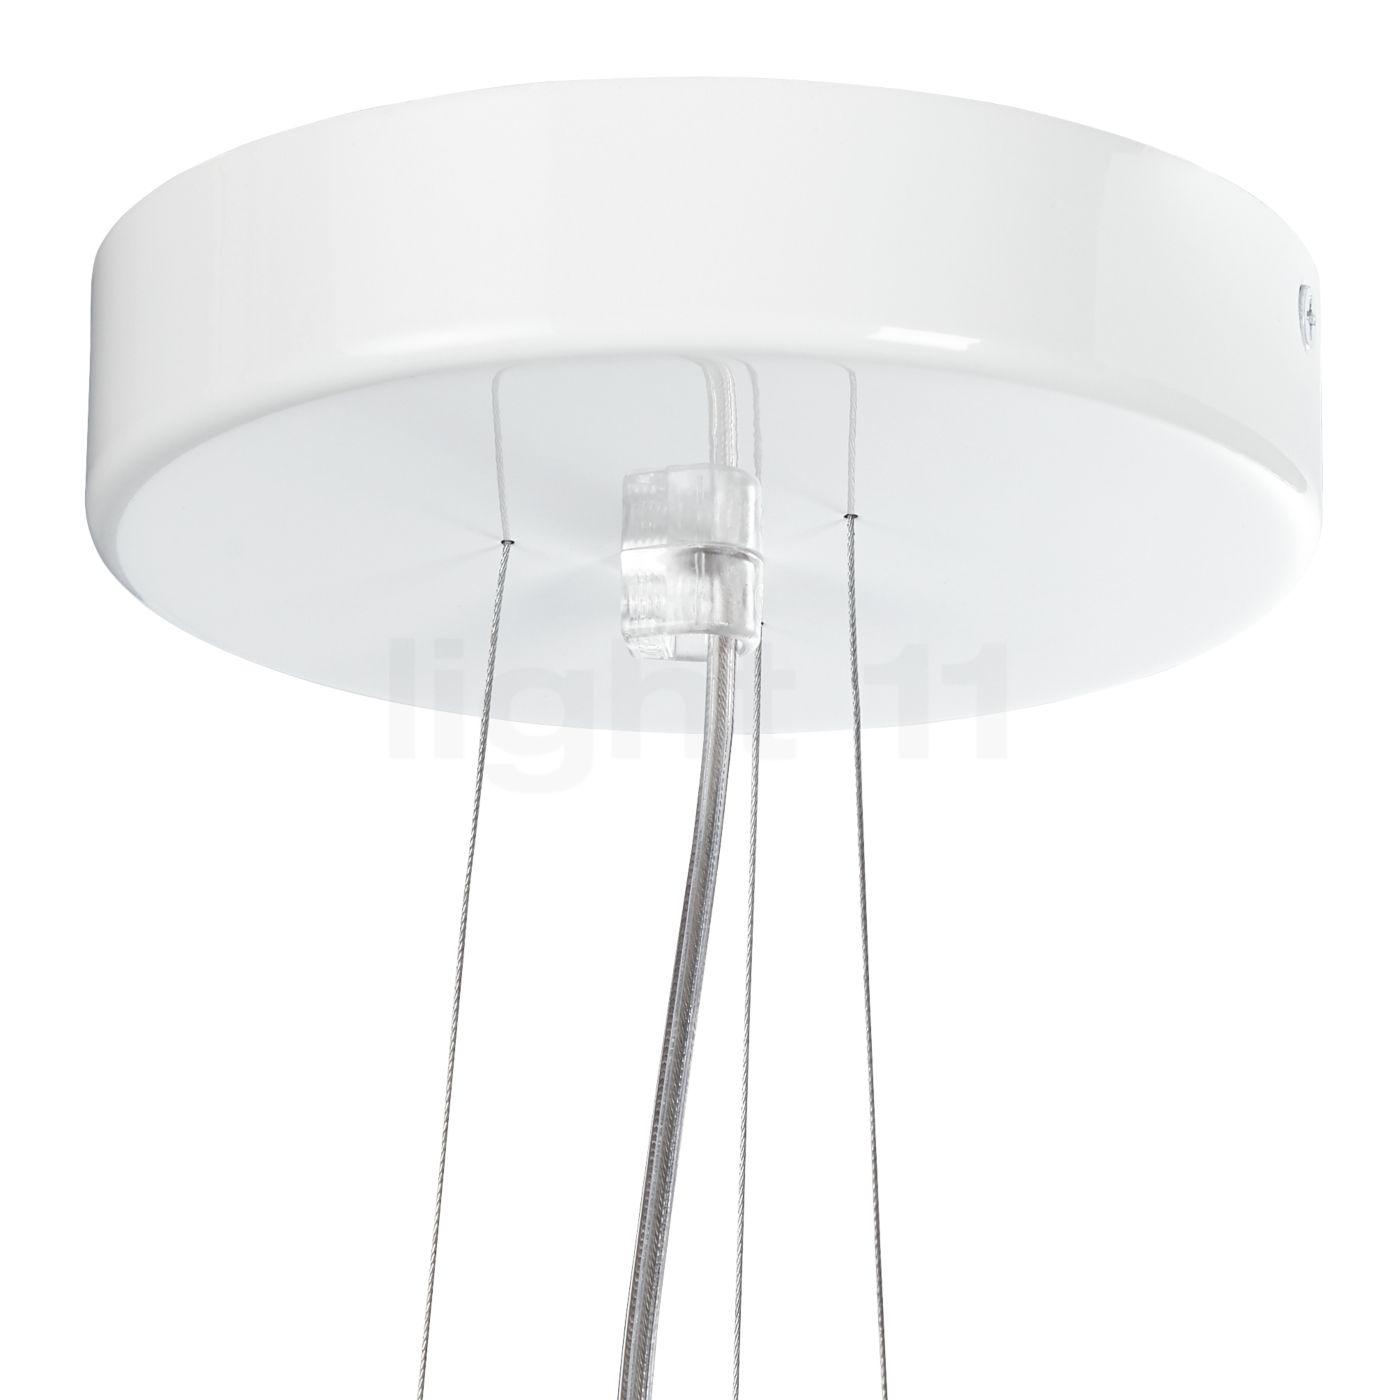 Travail Lampe Slamp Clizia Sur De Poste En Vente Pour Le FJc3KT1l